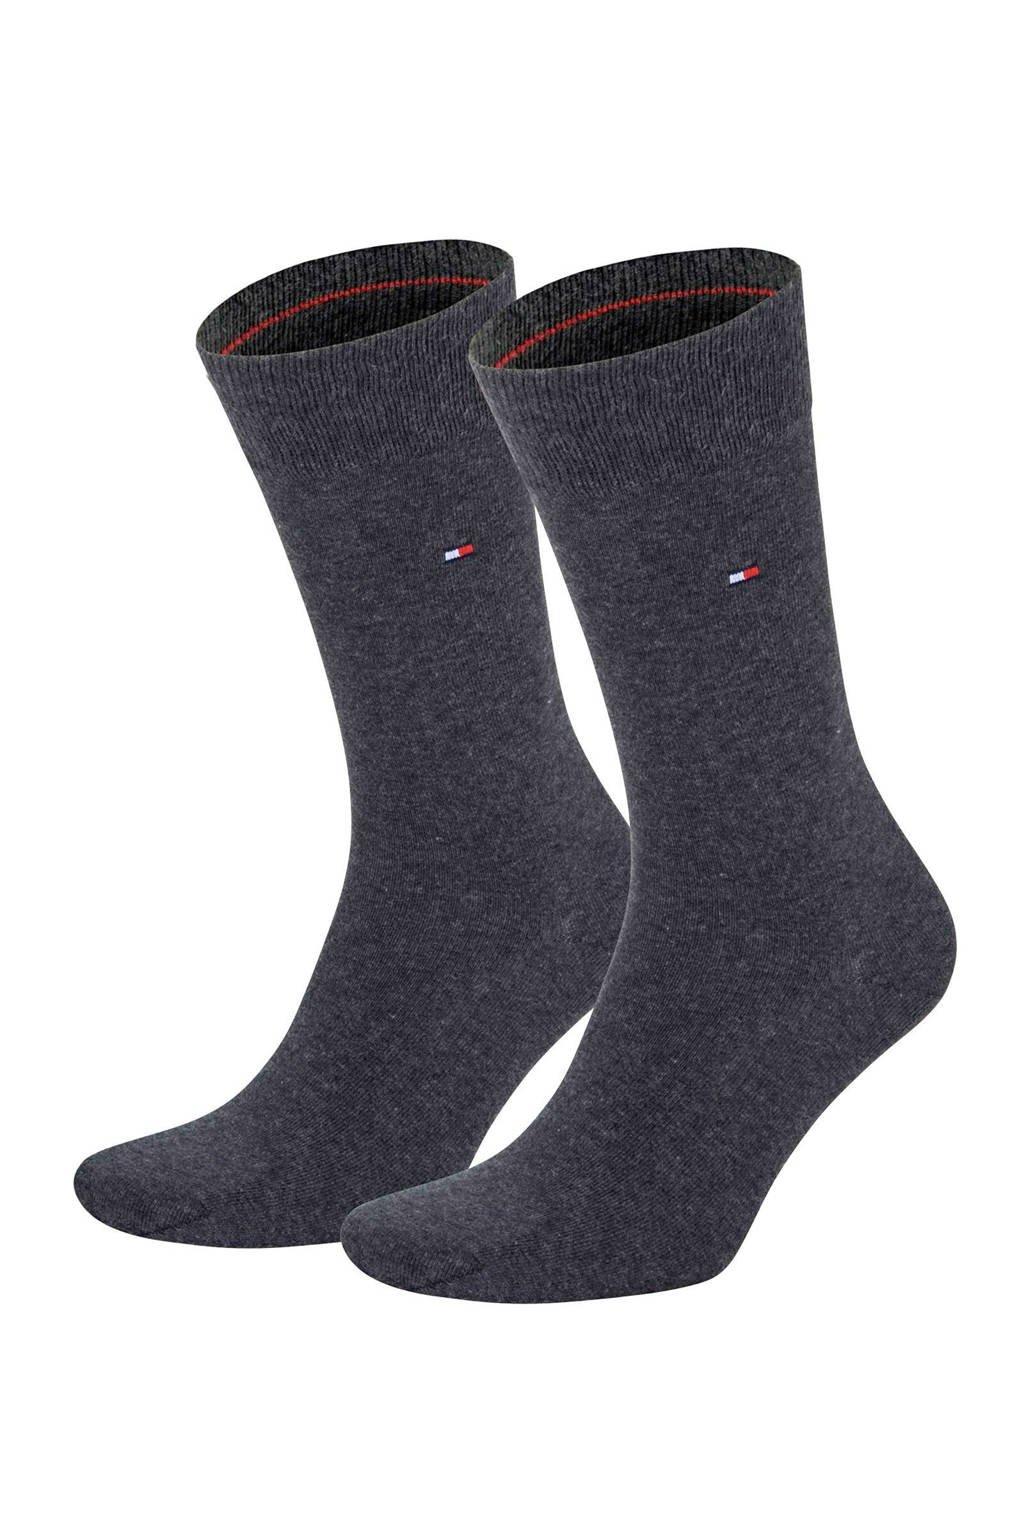 Tommy Hilfiger sokken (2 paar), Antraciet melange